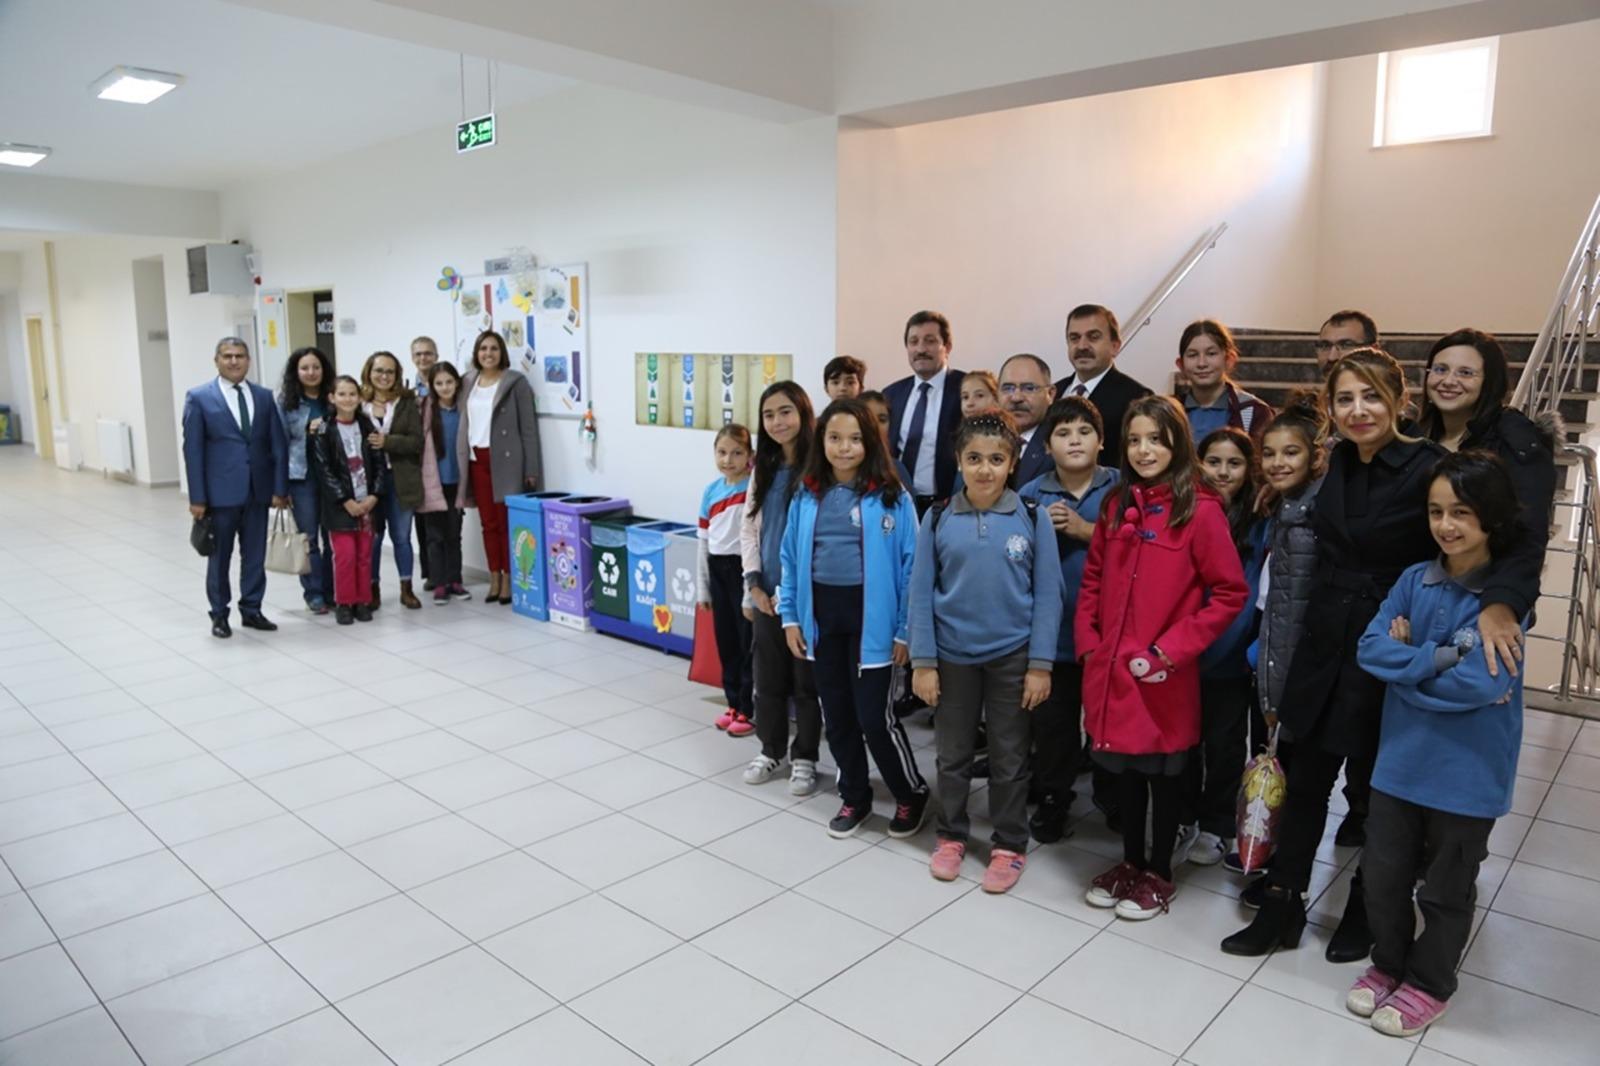 Turgut Reis Ortaokulu Sıfır Atık Projesiyle de Fark Yaratıyor